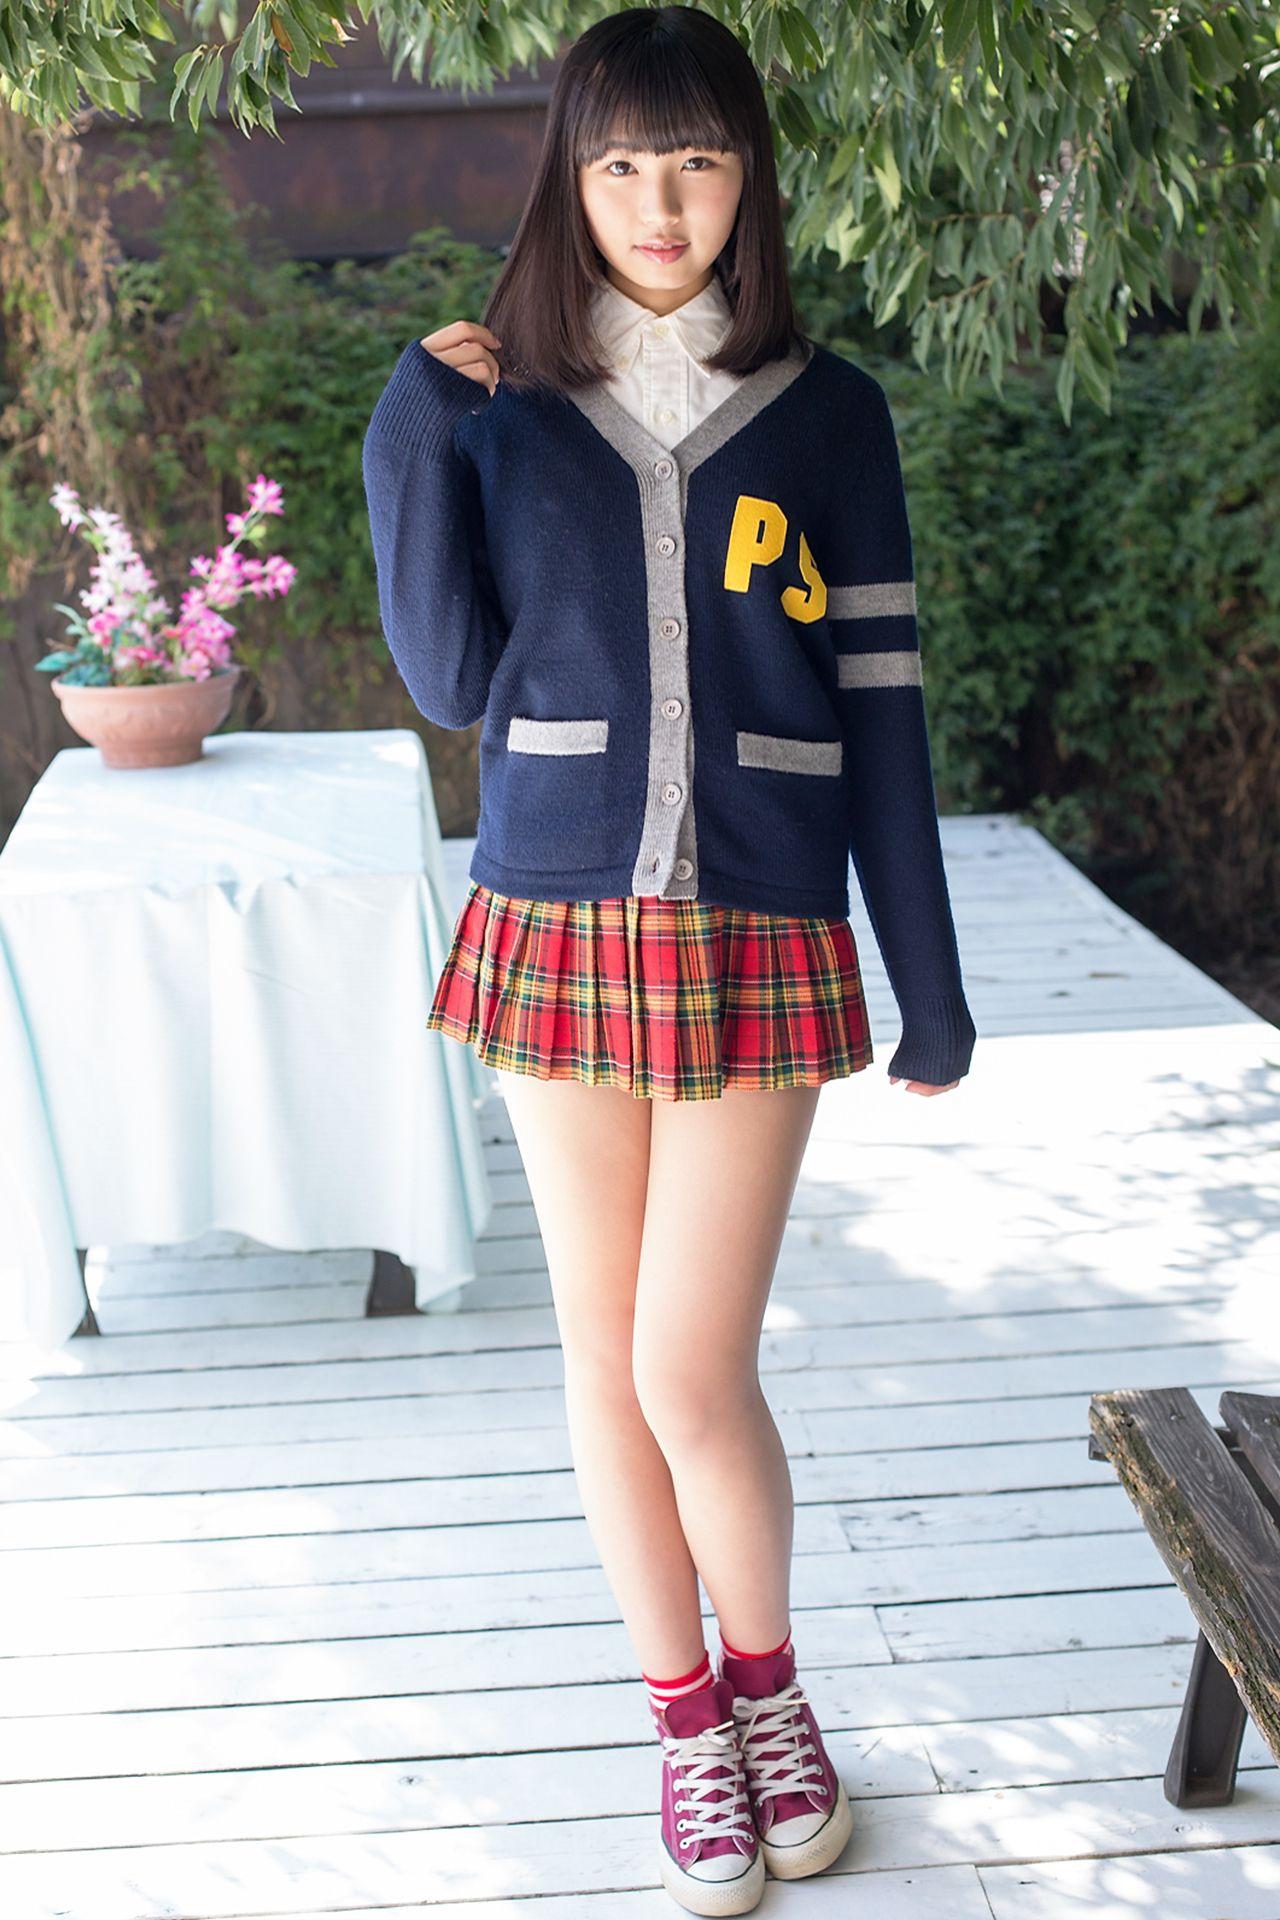 Qa sexy Hot teen schoolgirl